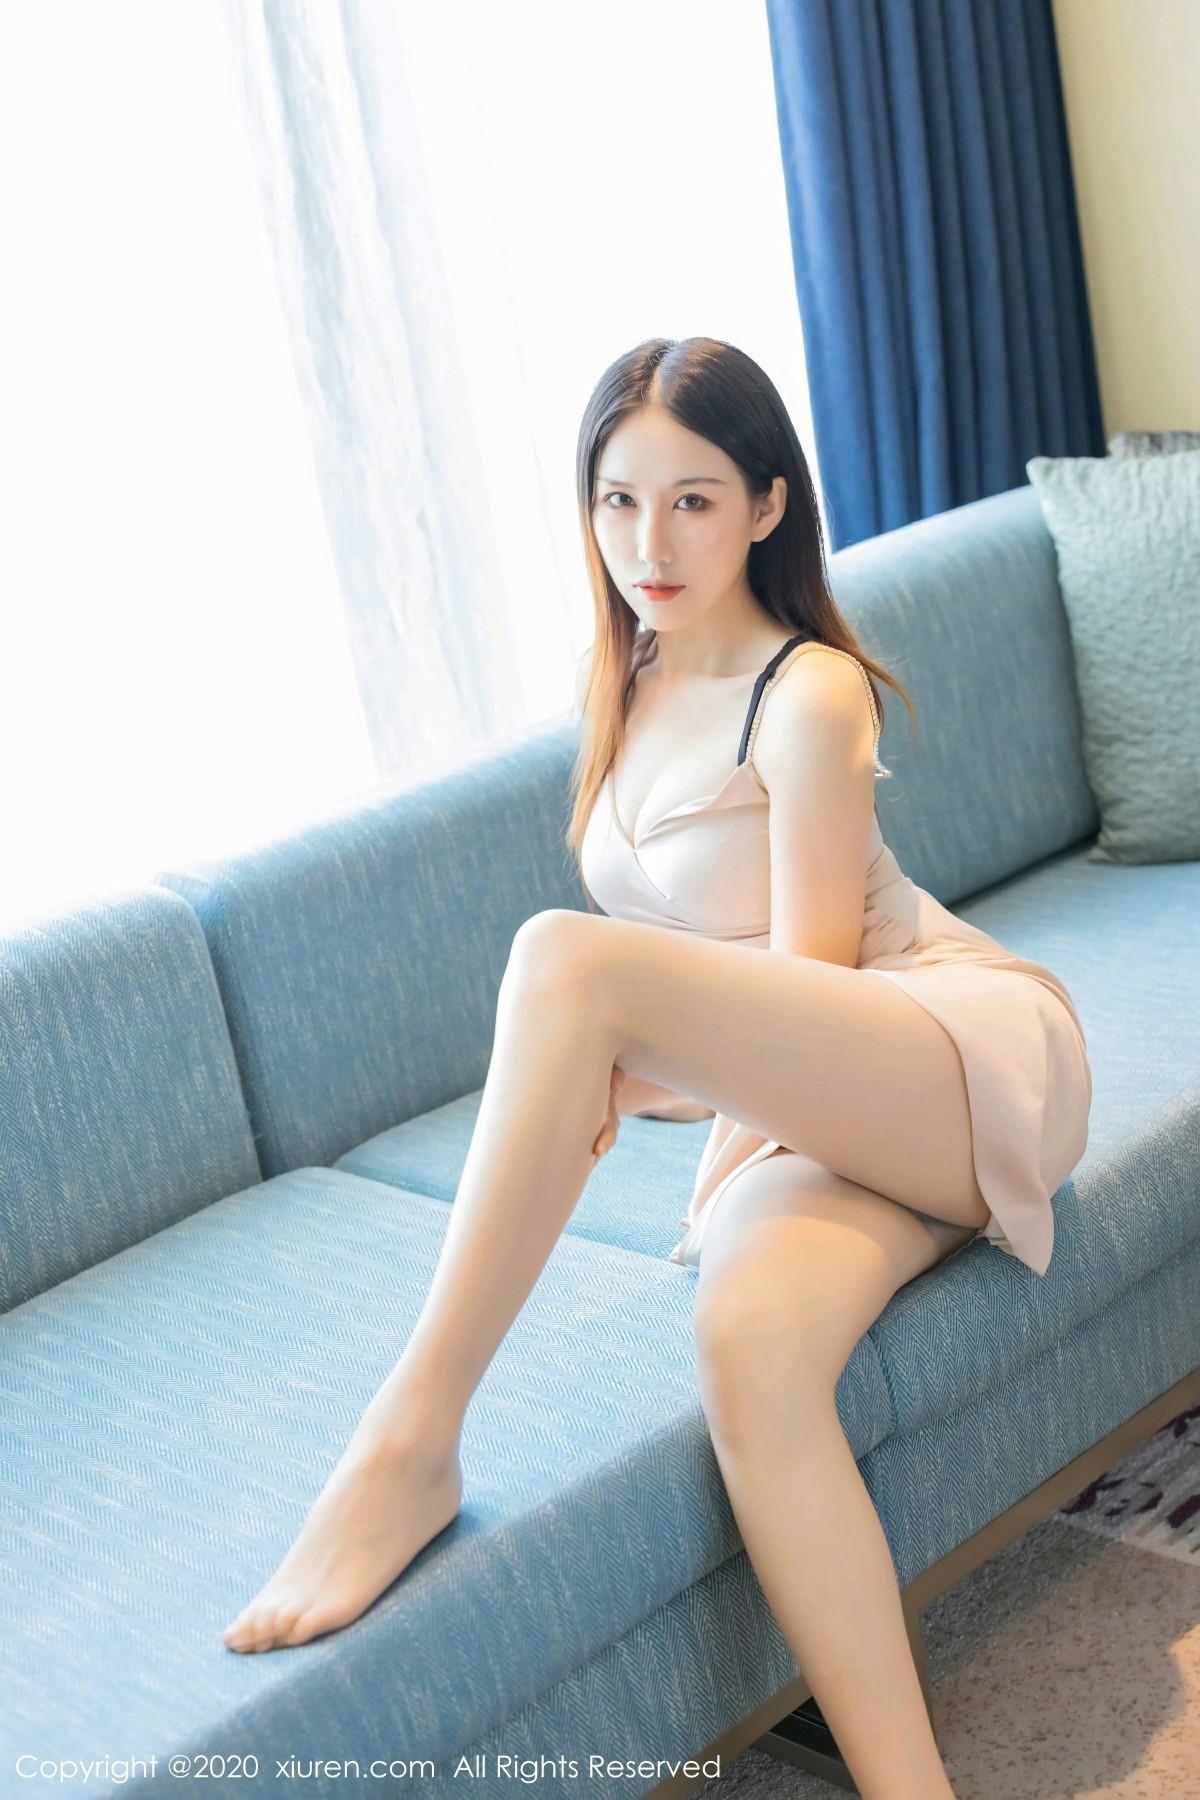 [XiuRen秀人网] 2020.08.31 No.2505 月音瞳 极致丝袜美腿 第3张